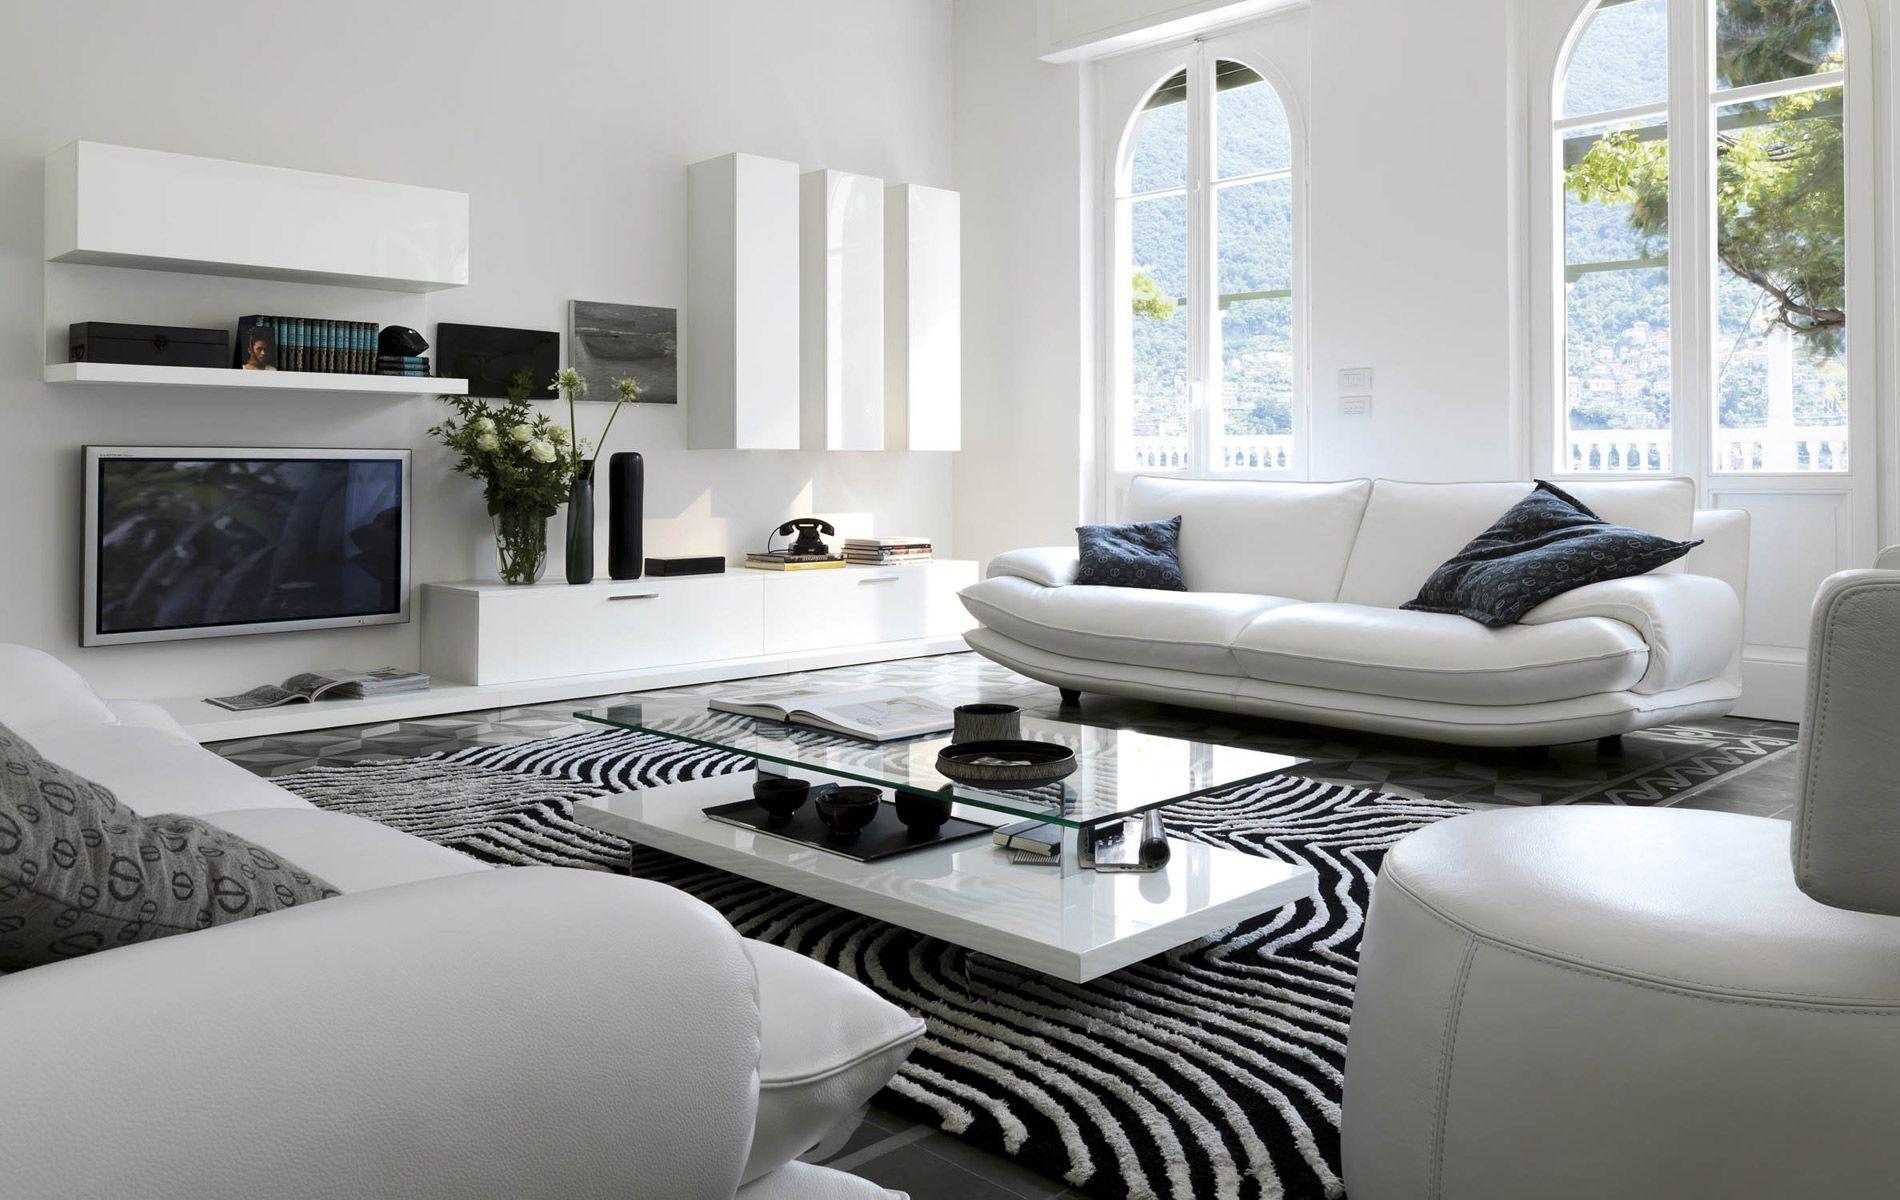 Soggiorni moderni divani letto in pelle poltroncini e non - Immagini soggiorni moderni ...